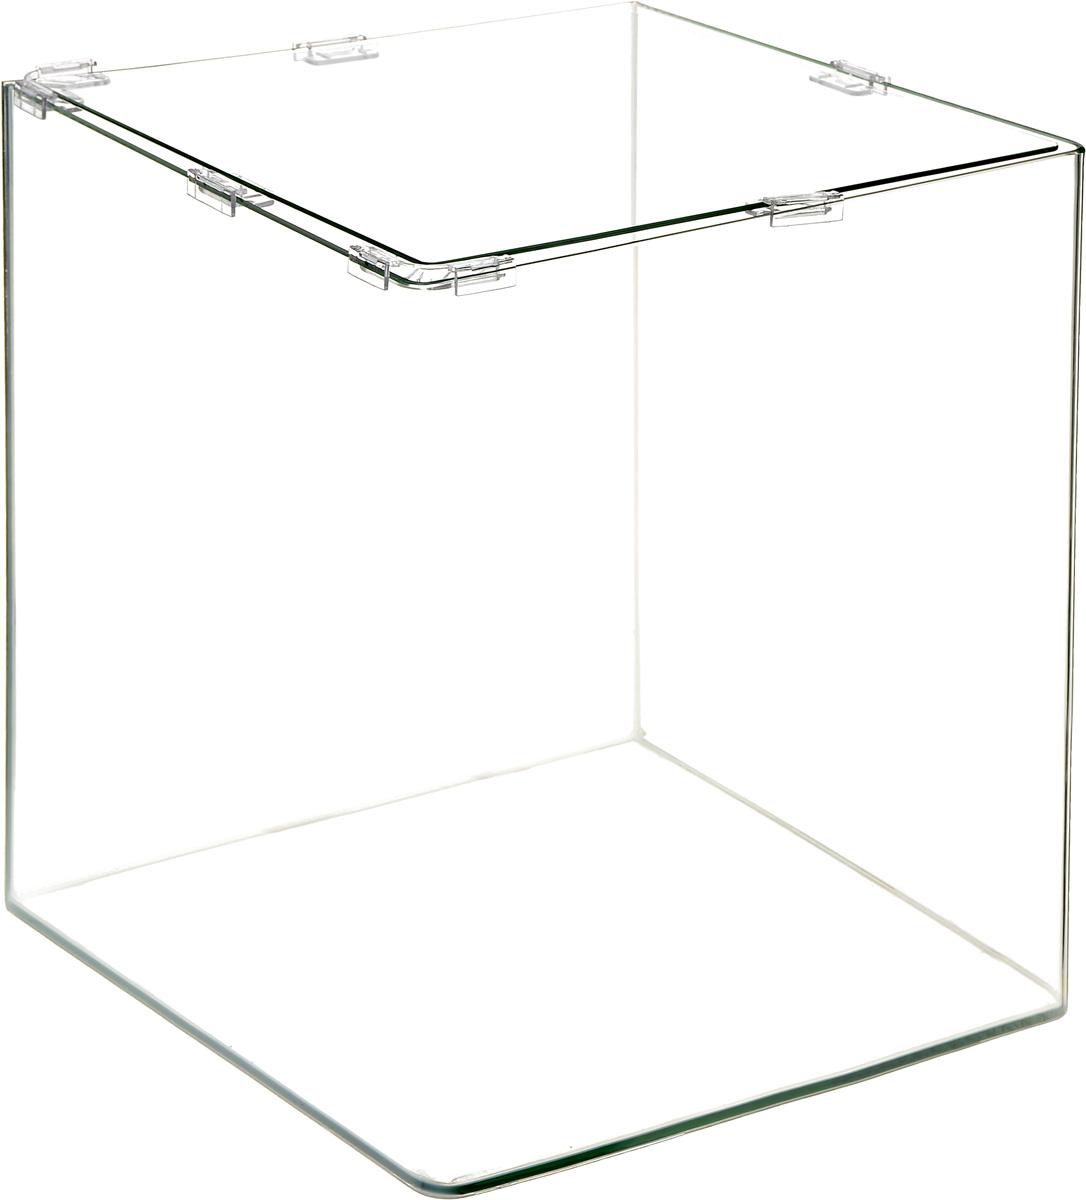 Аквариум Dennerle NanoCube, 60 л34718Аквариум Dennerle NanoCube идеально подходит для содержания небольшого уголка природы в офисе, на столе, на кухне, в ванной комнате, прихожей или гостиной. Аквариум изготовлен из высококачественного стекла, передние углы бесшовные и оснащен покровной крышкой. В комплект входят черная пленка для задней стенки и пластиковые подкладки.